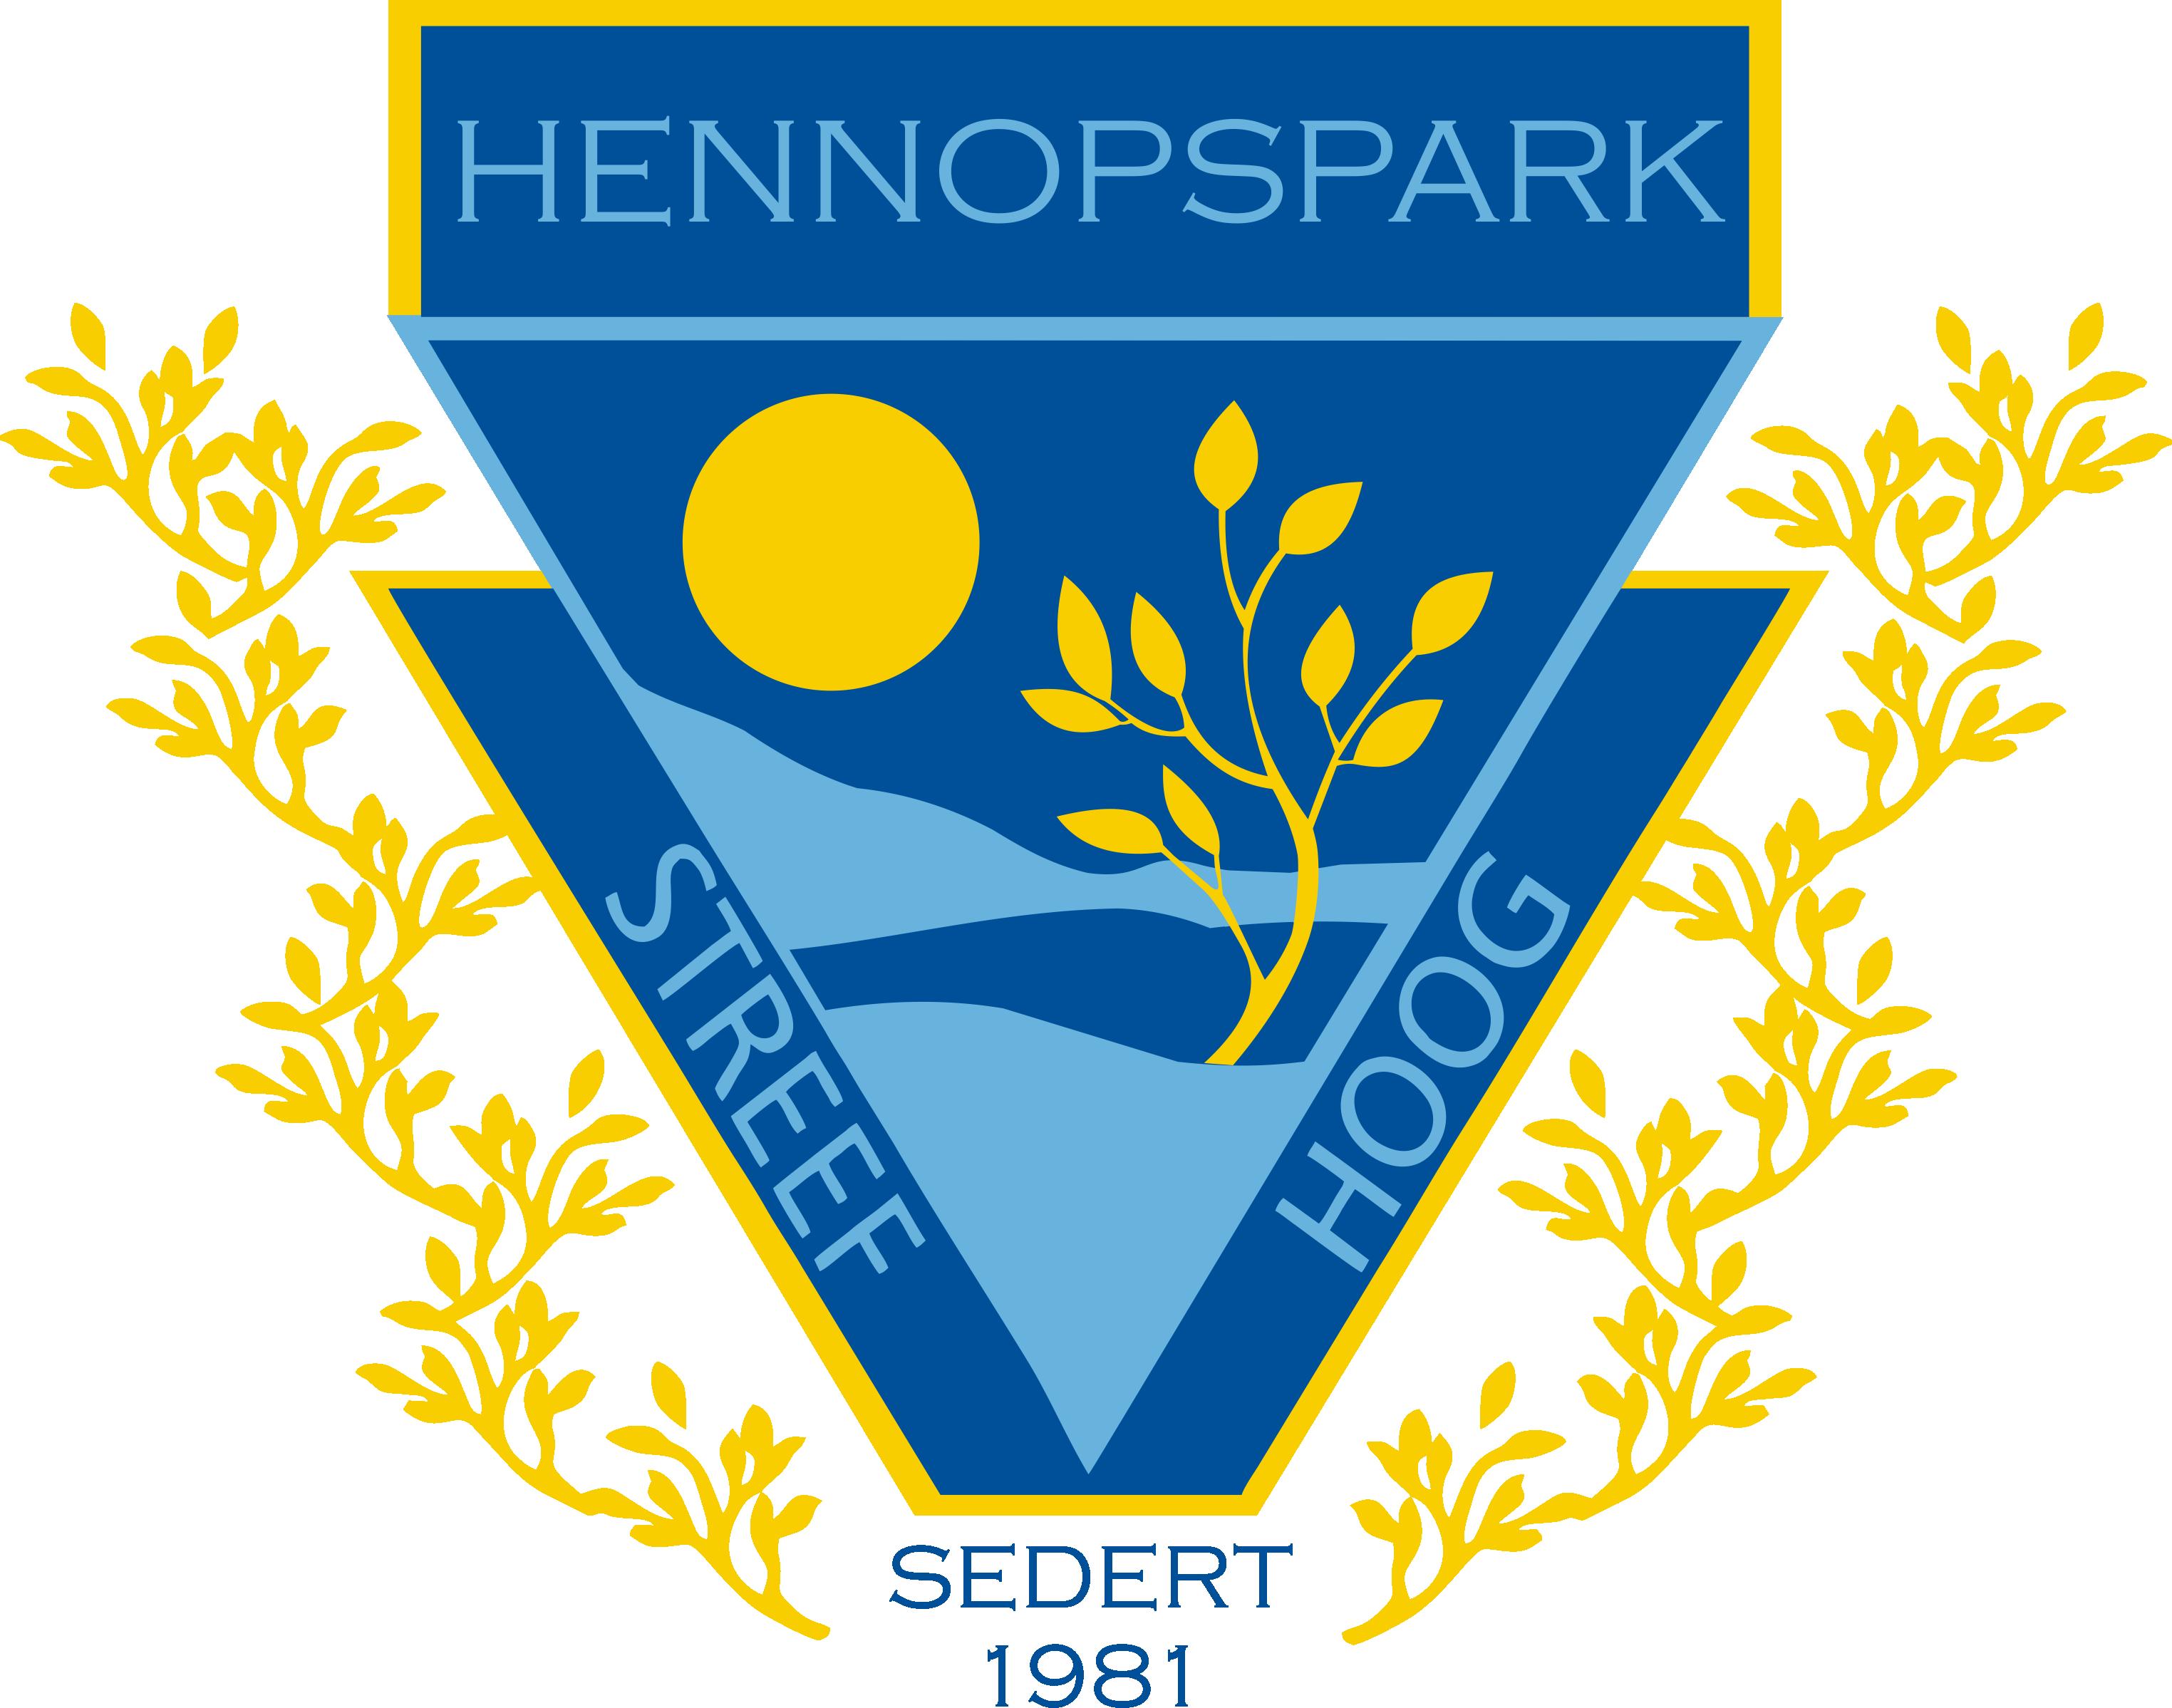 Laerskool Hennopspark